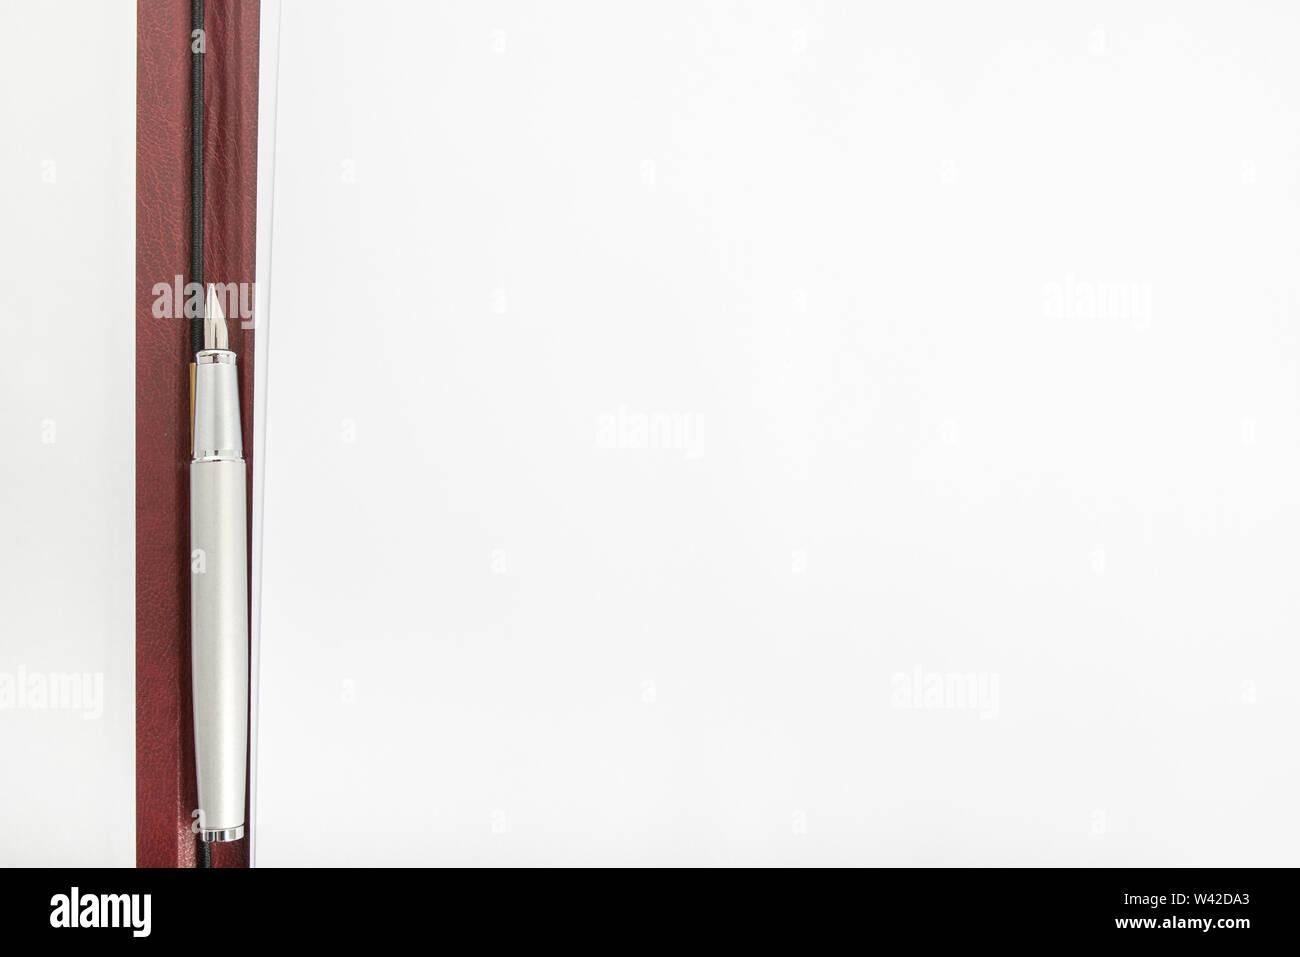 Vista dall'alto di una penna che giace tra due fogli di carta in una aperta la cartella in pelle. Immagini Stock